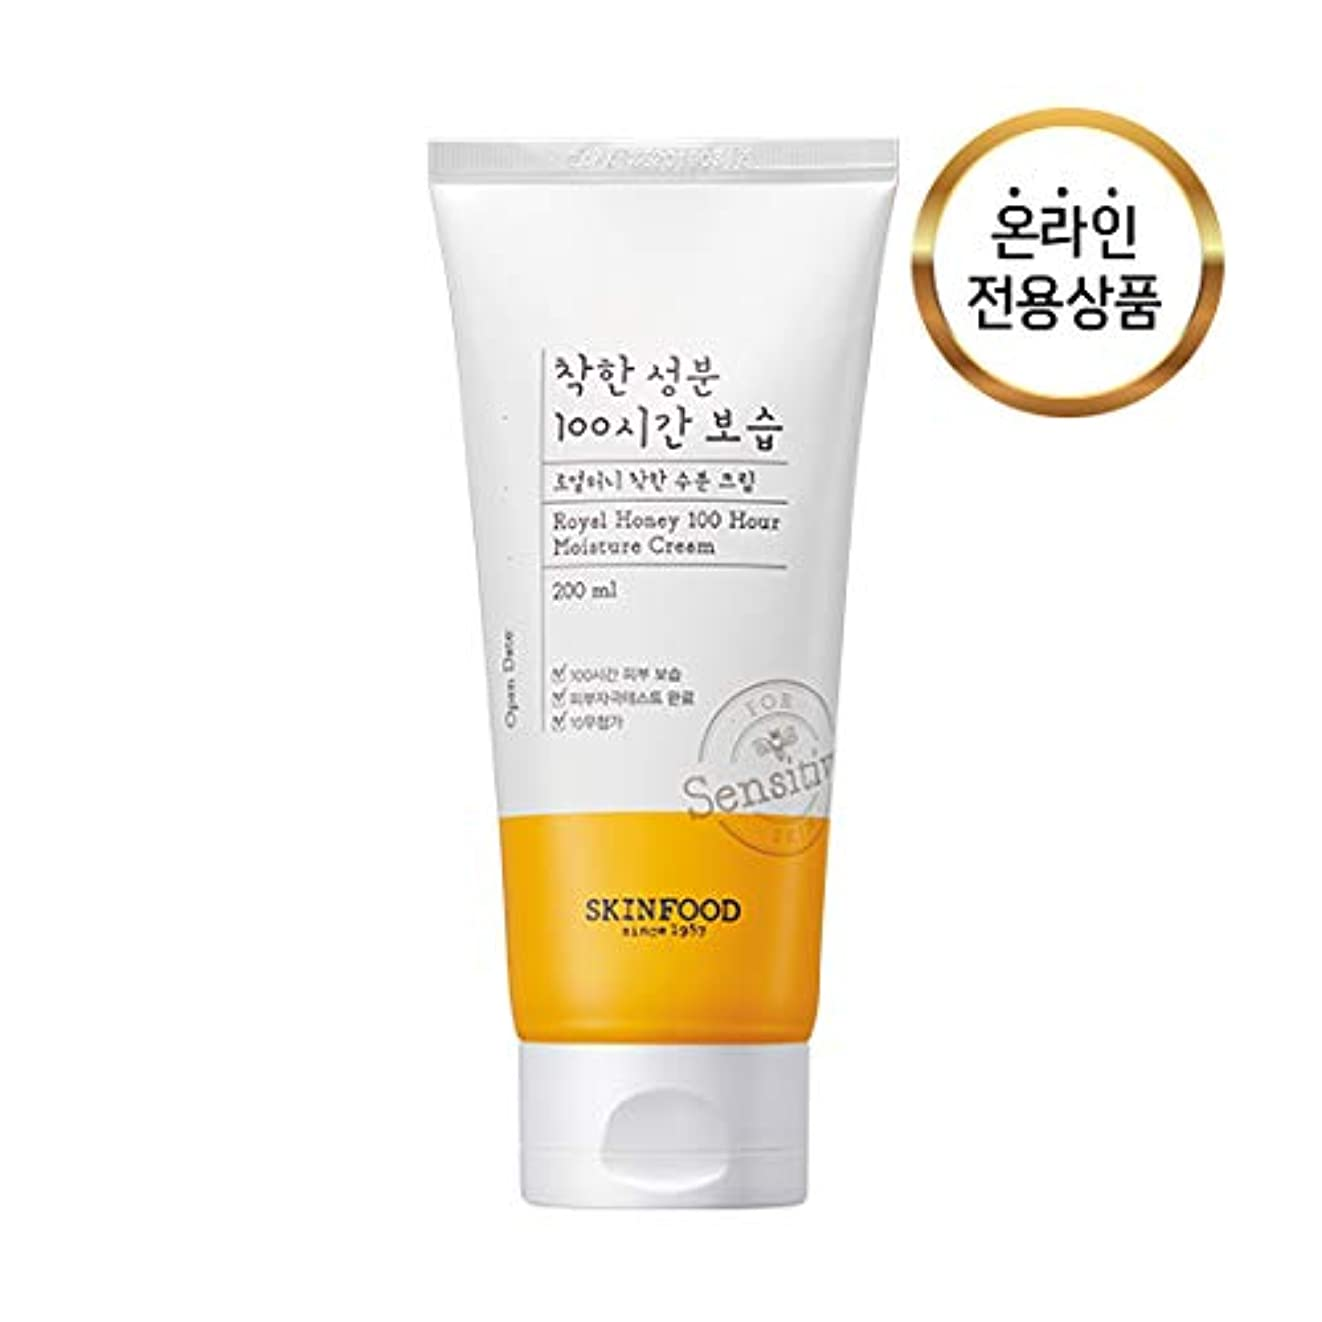 見て目の前の宣伝Skinfood ロイヤルハニー100時間モイスチャークリーム / Royal Honey 100 Hour Moisture Cream 200ml [並行輸入品]